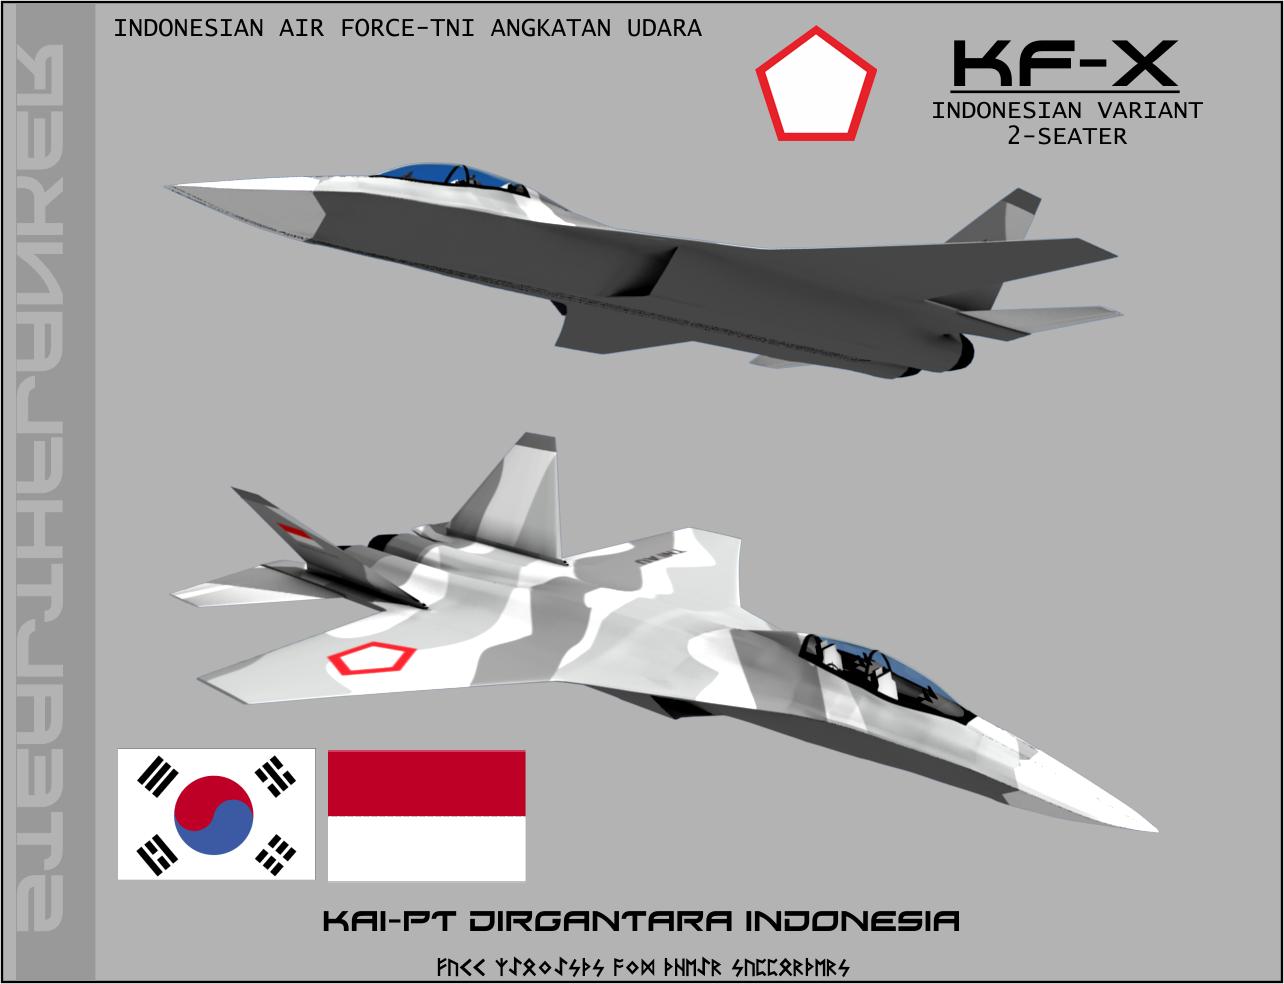 كوريا الجنوبيه ستعرض على لوكهيد مارتن الامريكيه الاستثمار في طائره KF-X  Kf_x_indonesian_variant_2_seater_by_stealthflanker-d4v6b8v